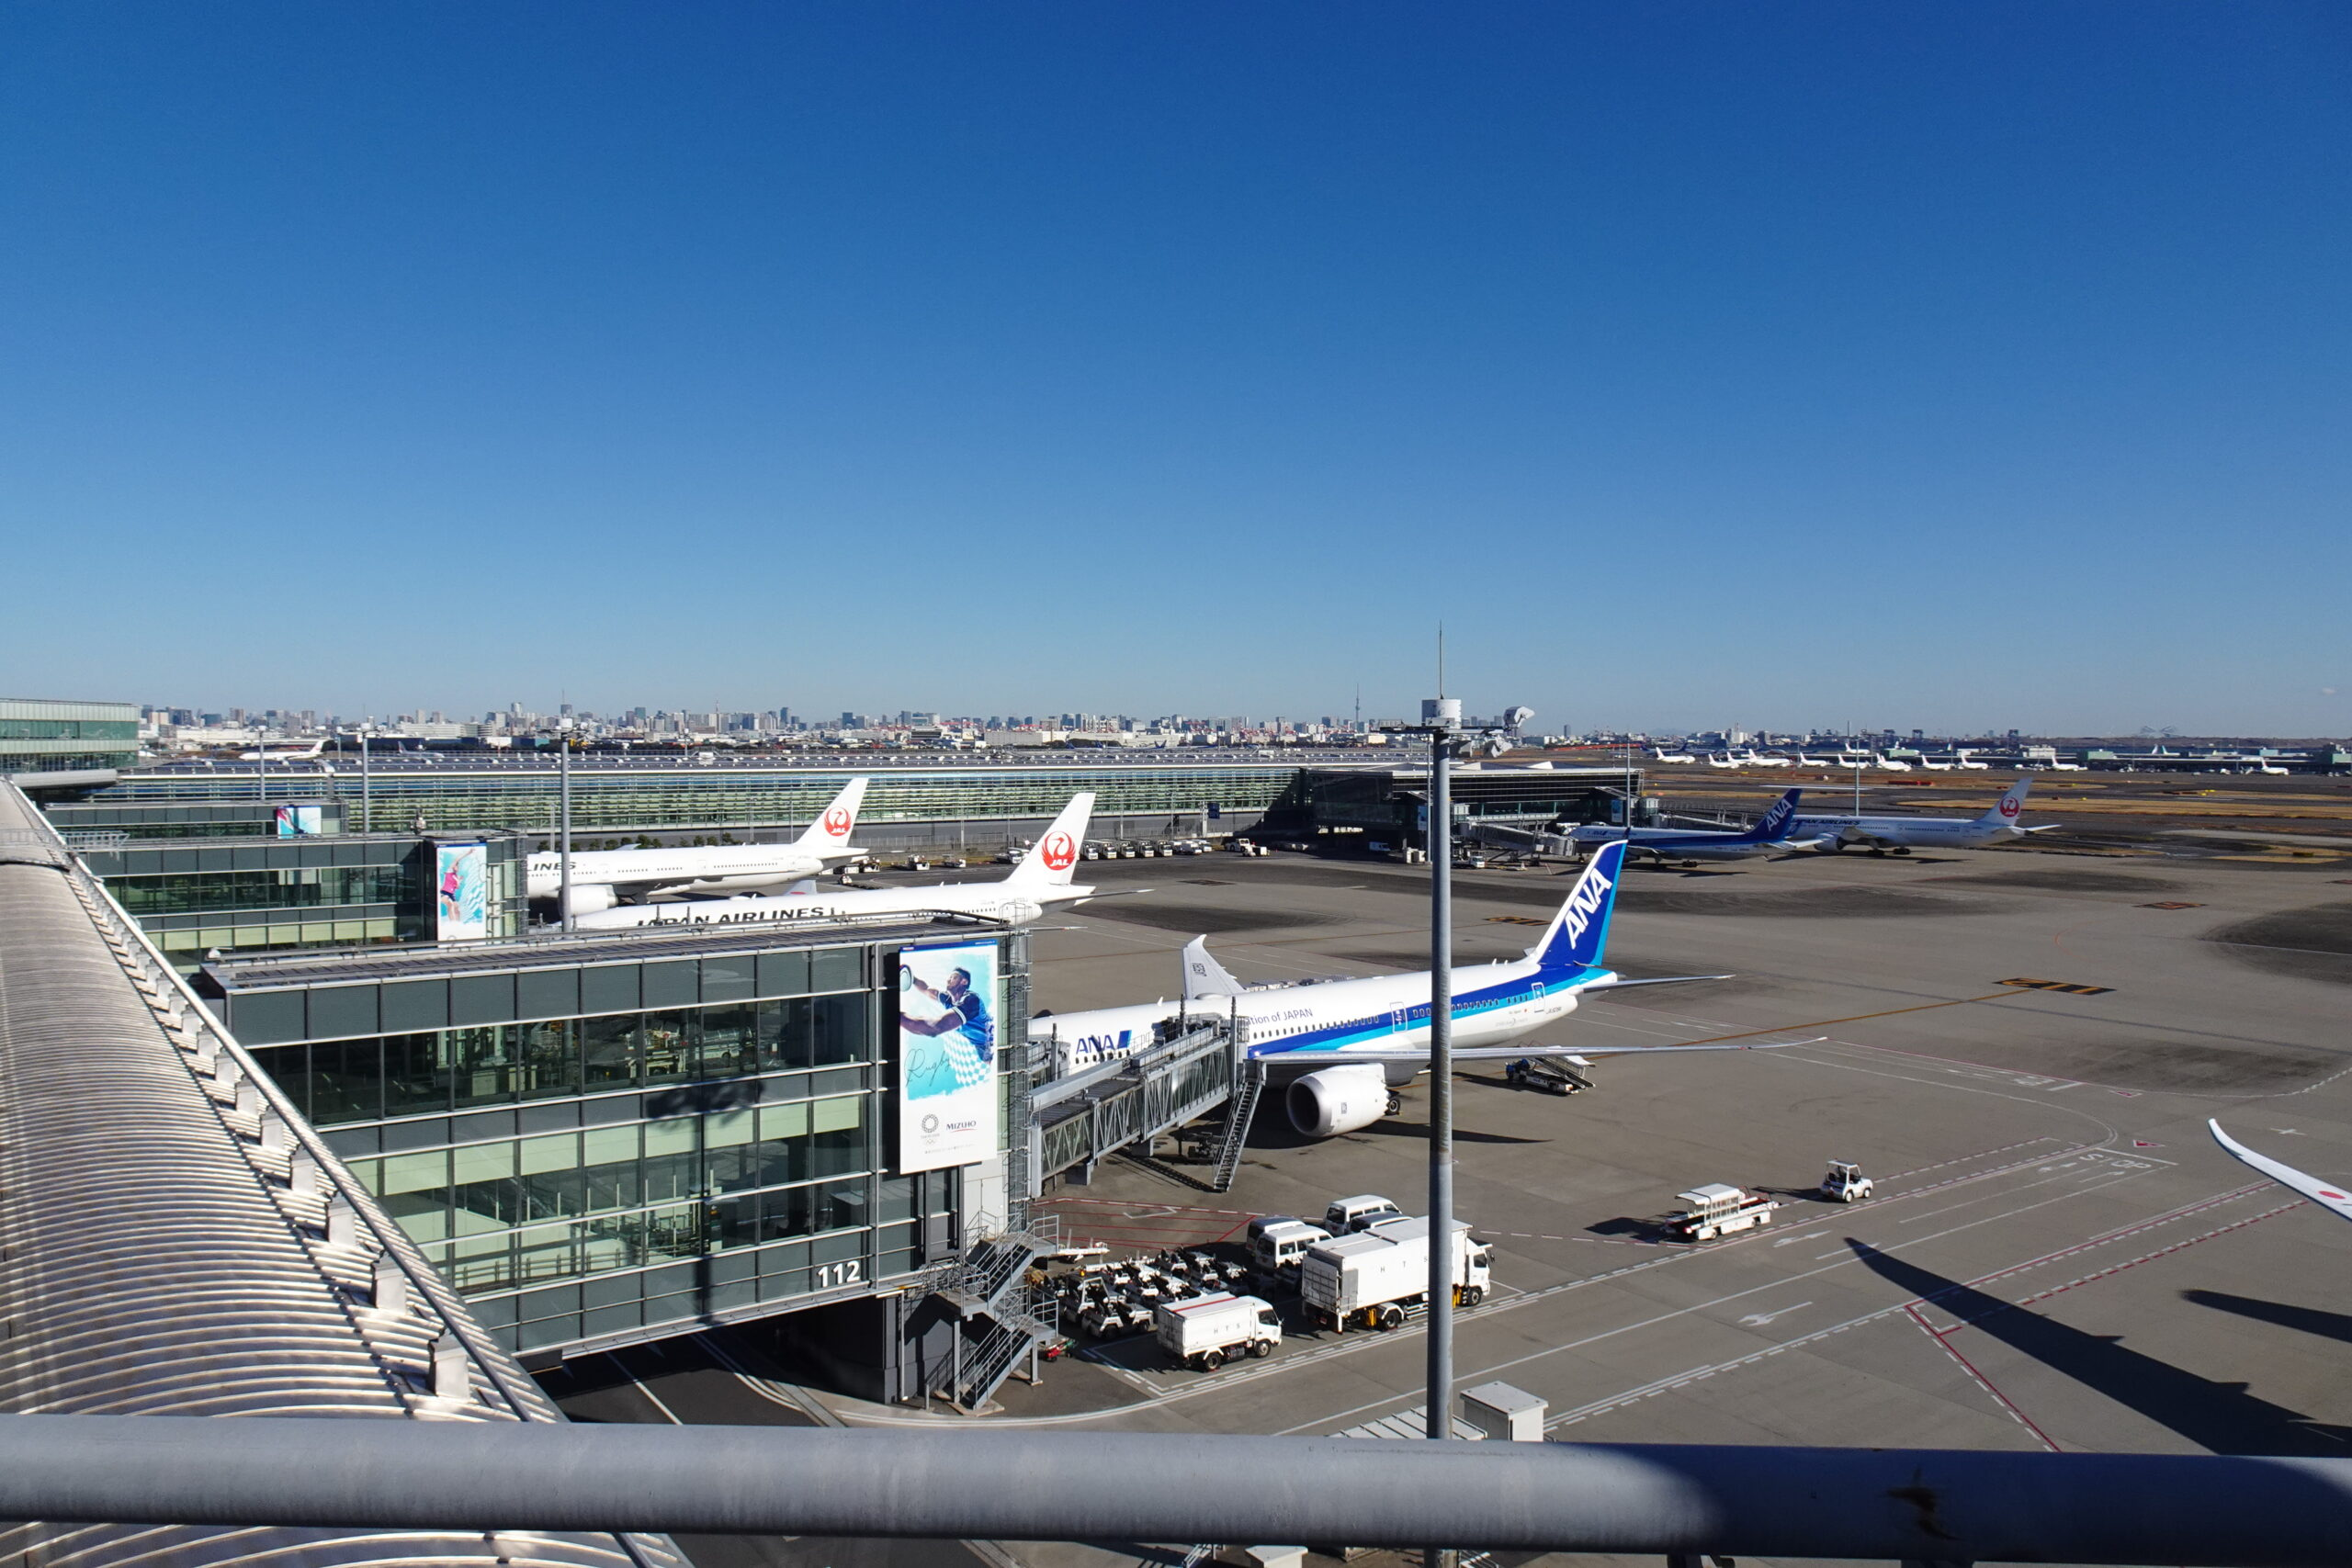 羽田空港第3ターミナル展望デッキからのJAL機とANA機